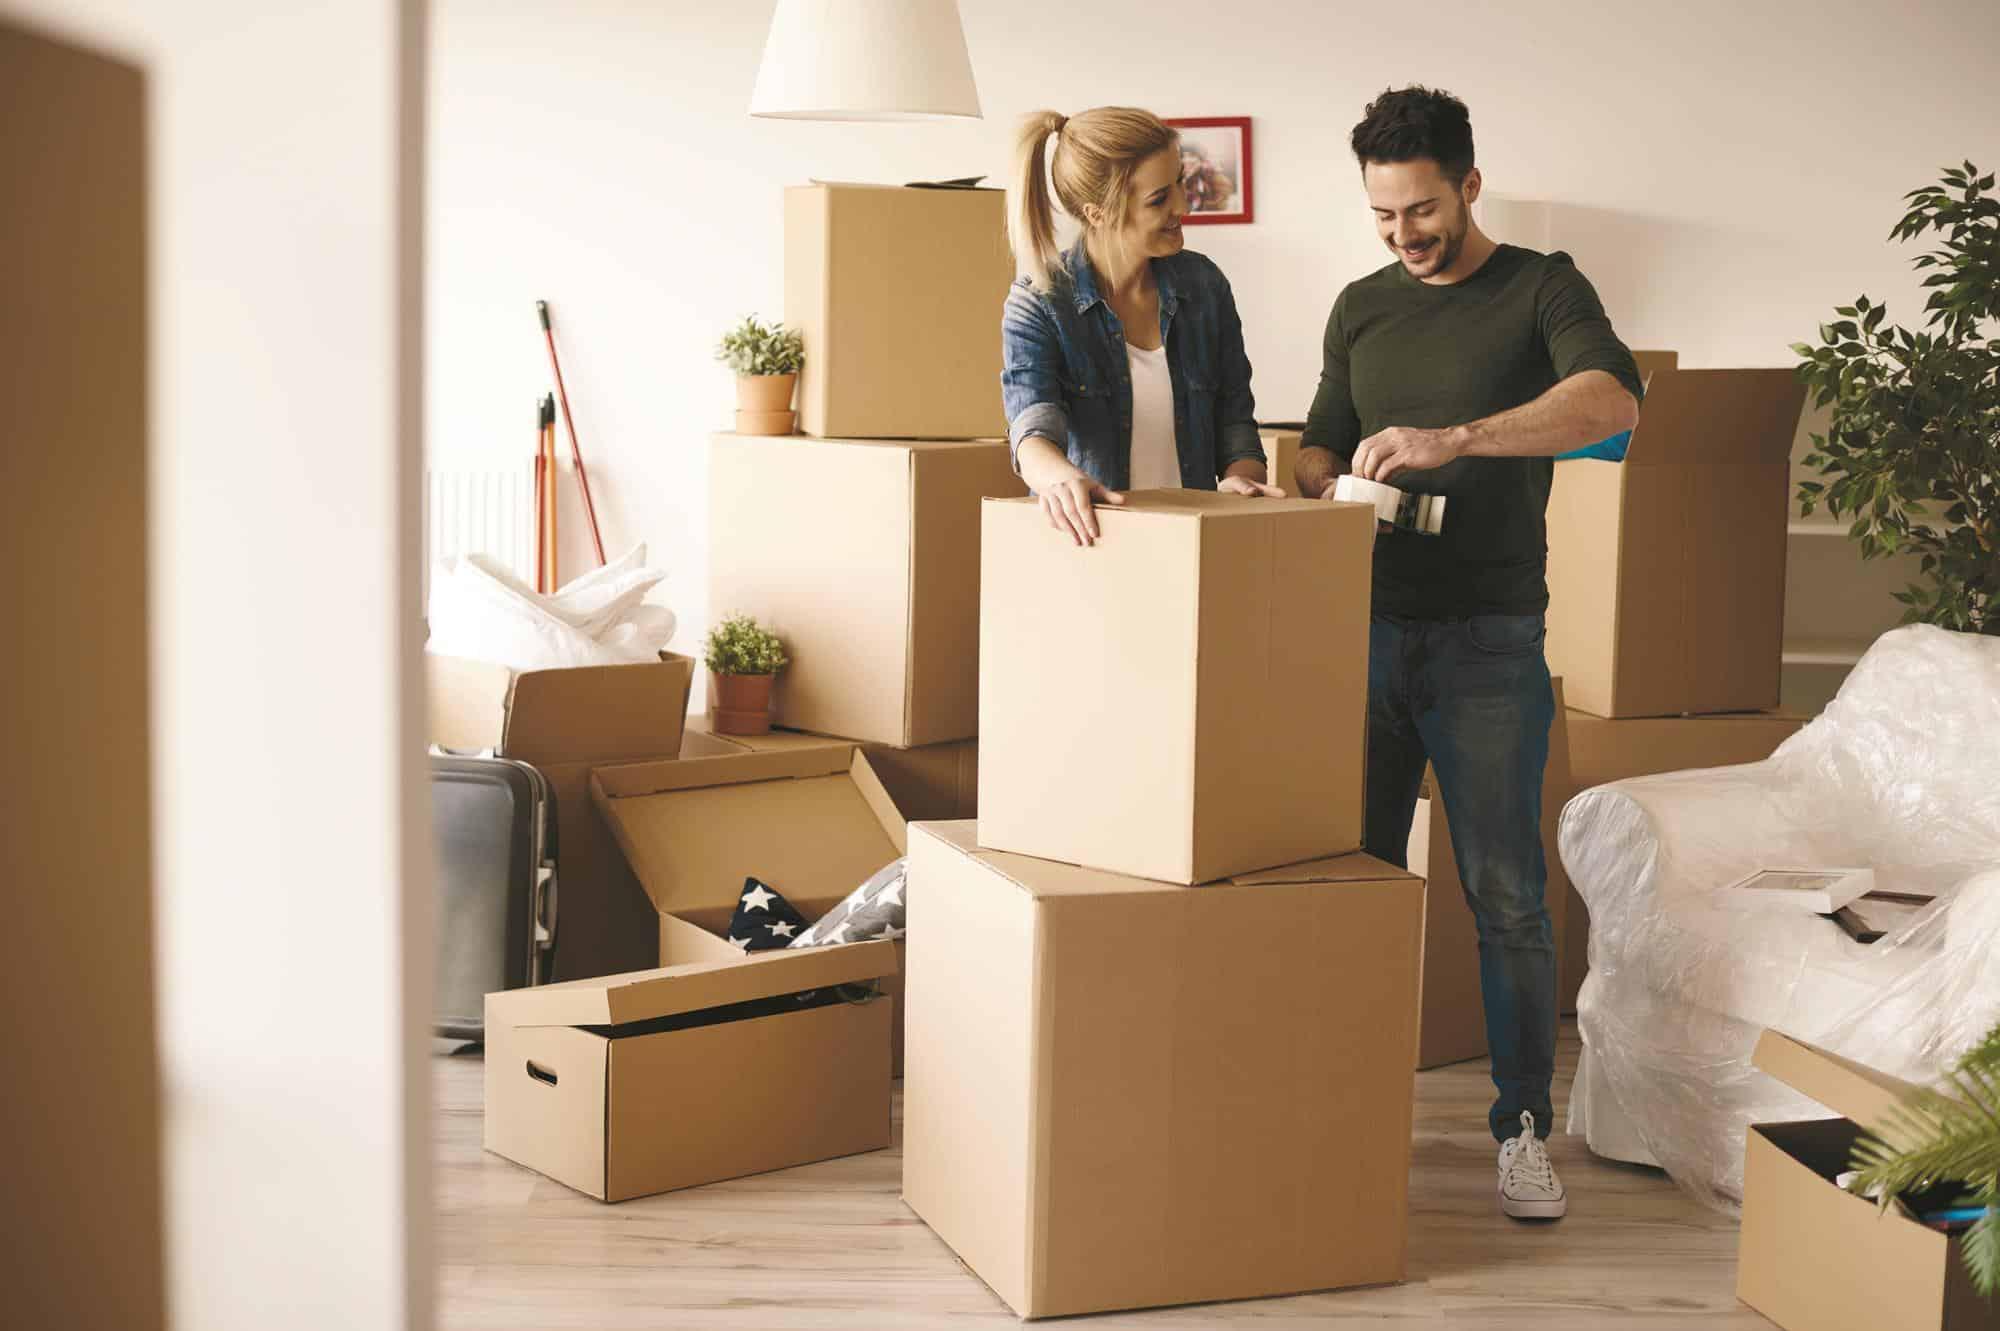 những mẹo dùng thùng carton chuyển nhà hiệu quả